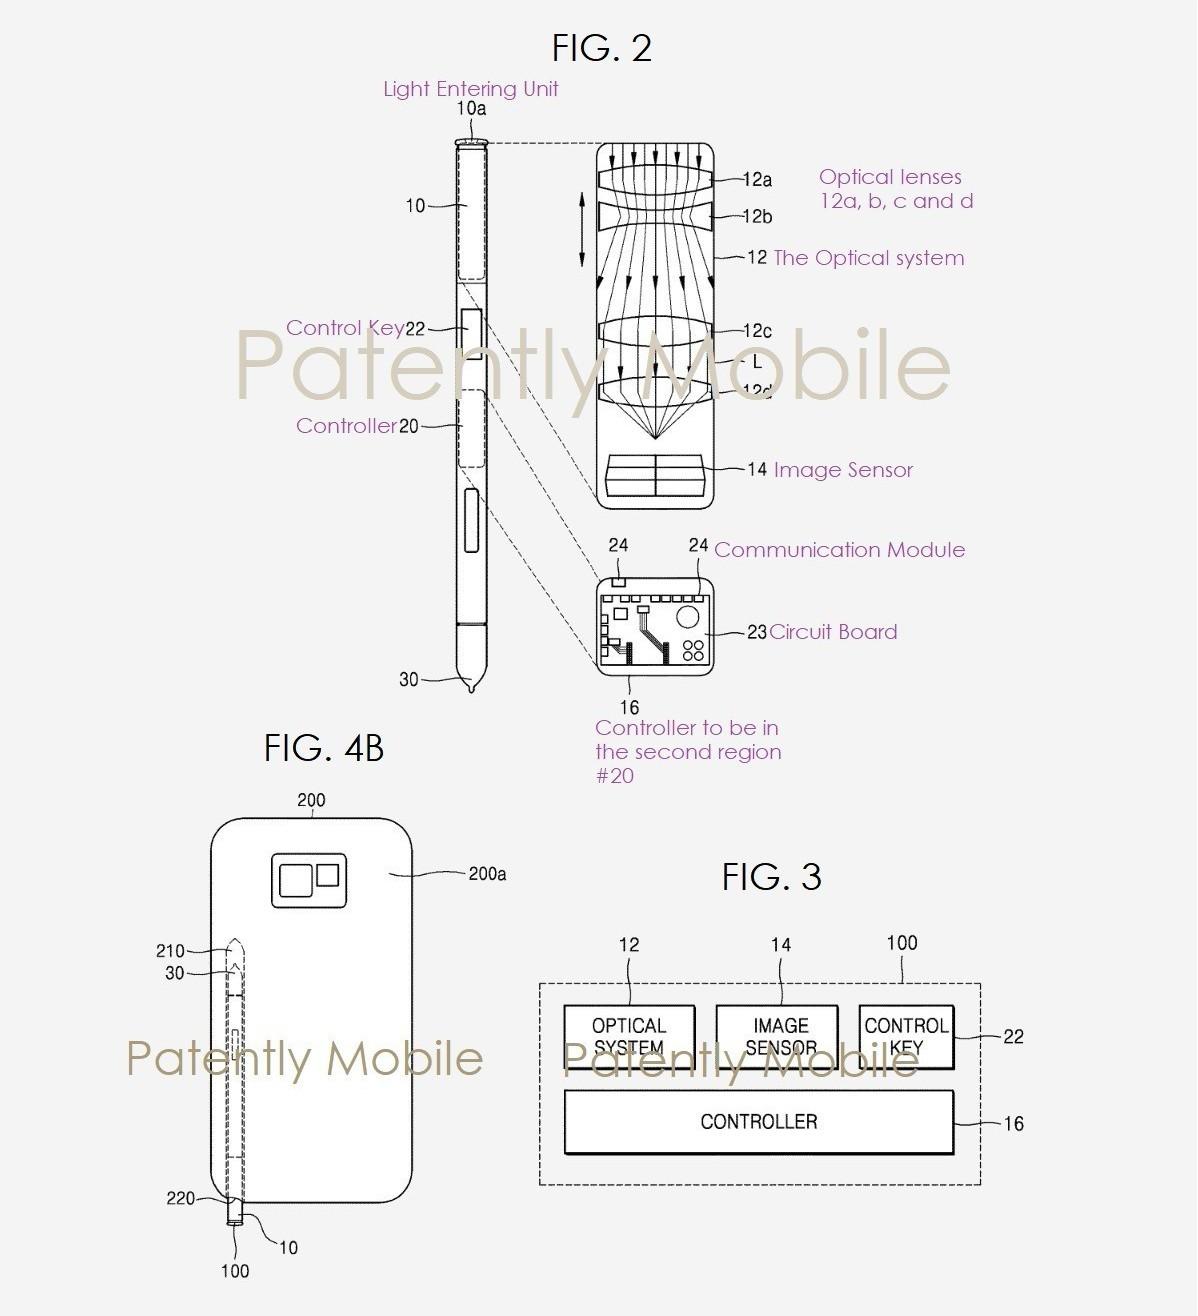 美國專利商標局於今年2月5日通過三星申請的電子專利。圖擷自/《patentlym...